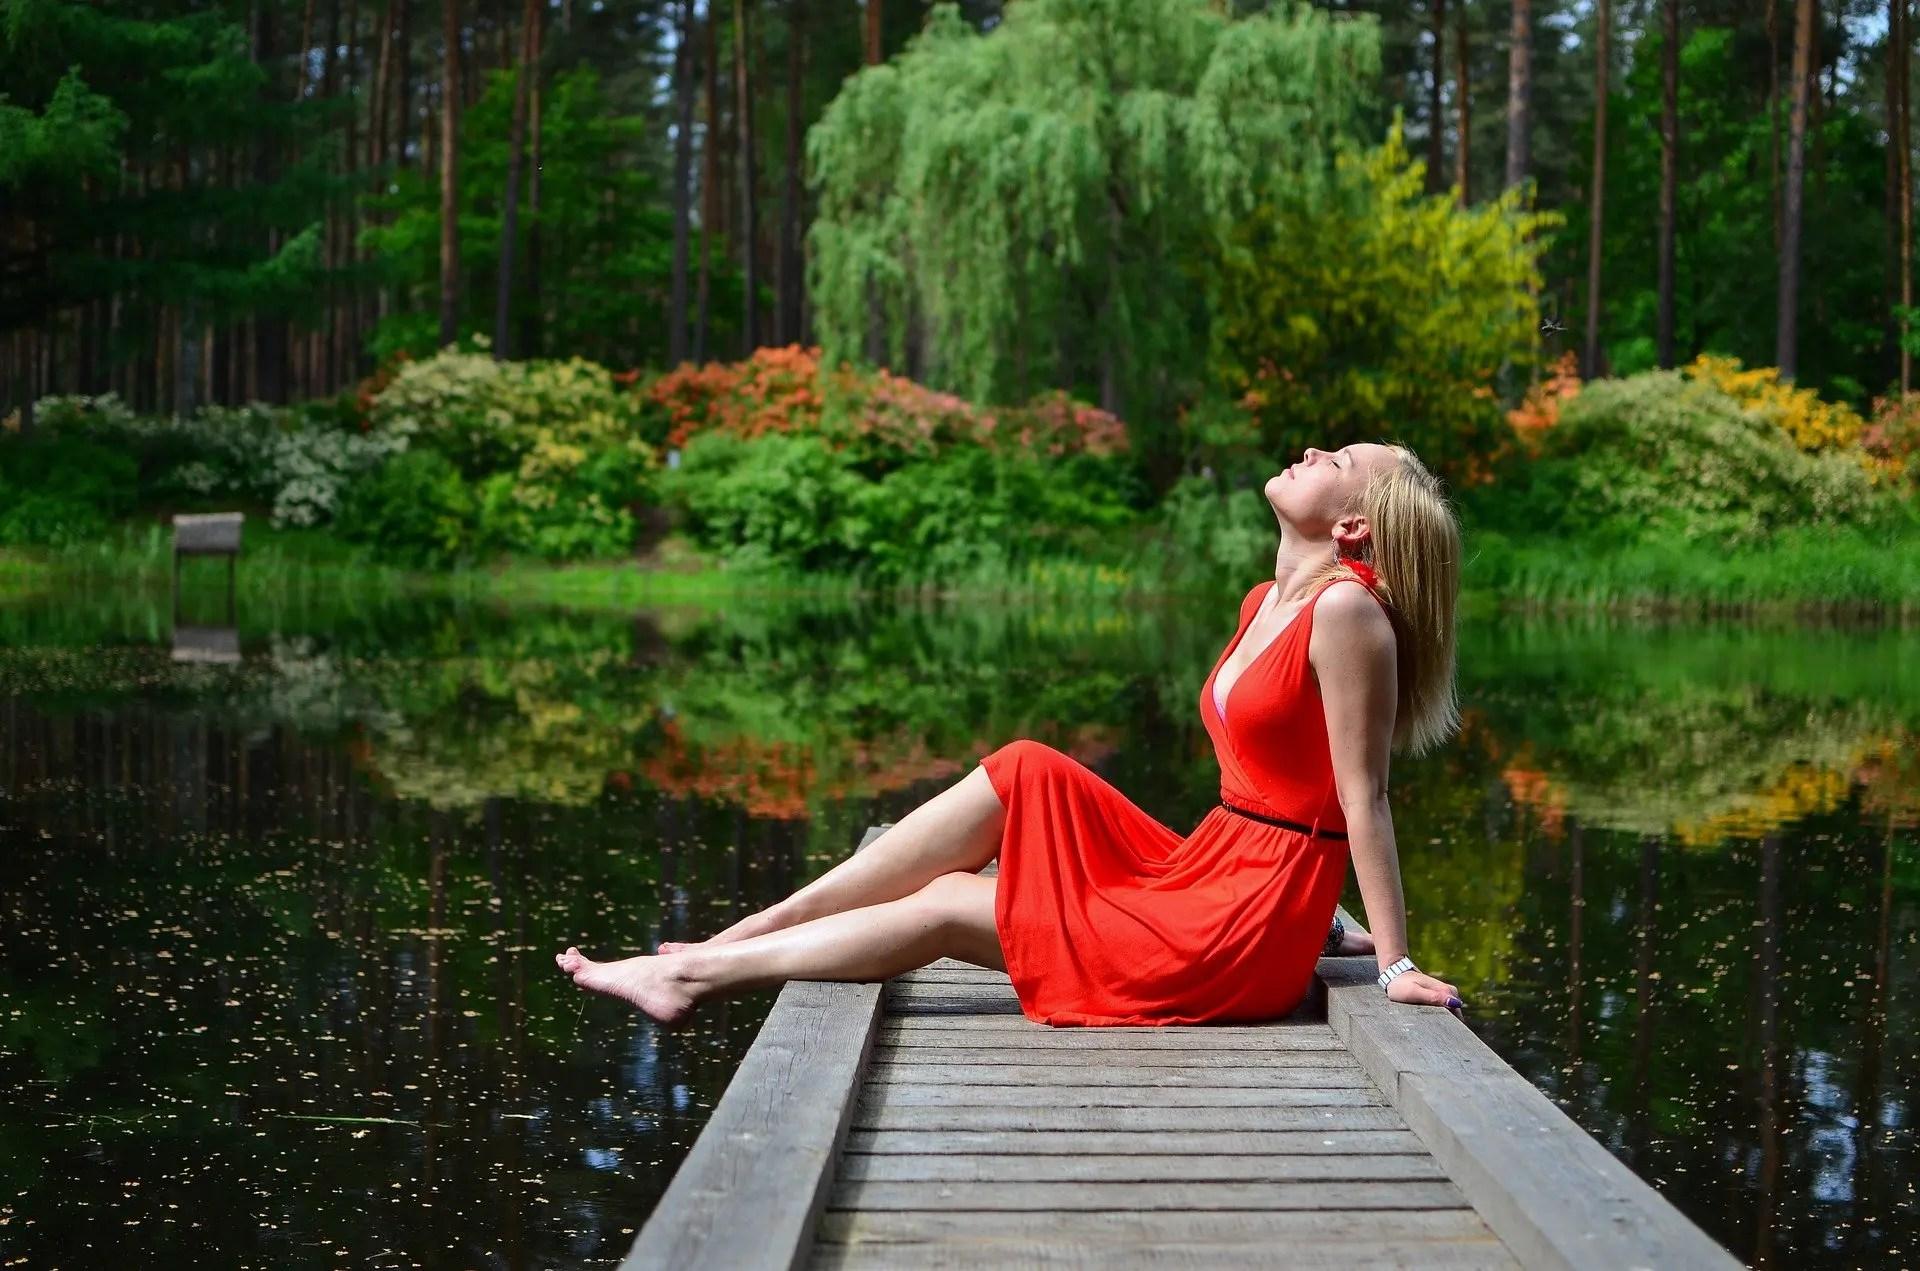 Woman sitting amongst nature